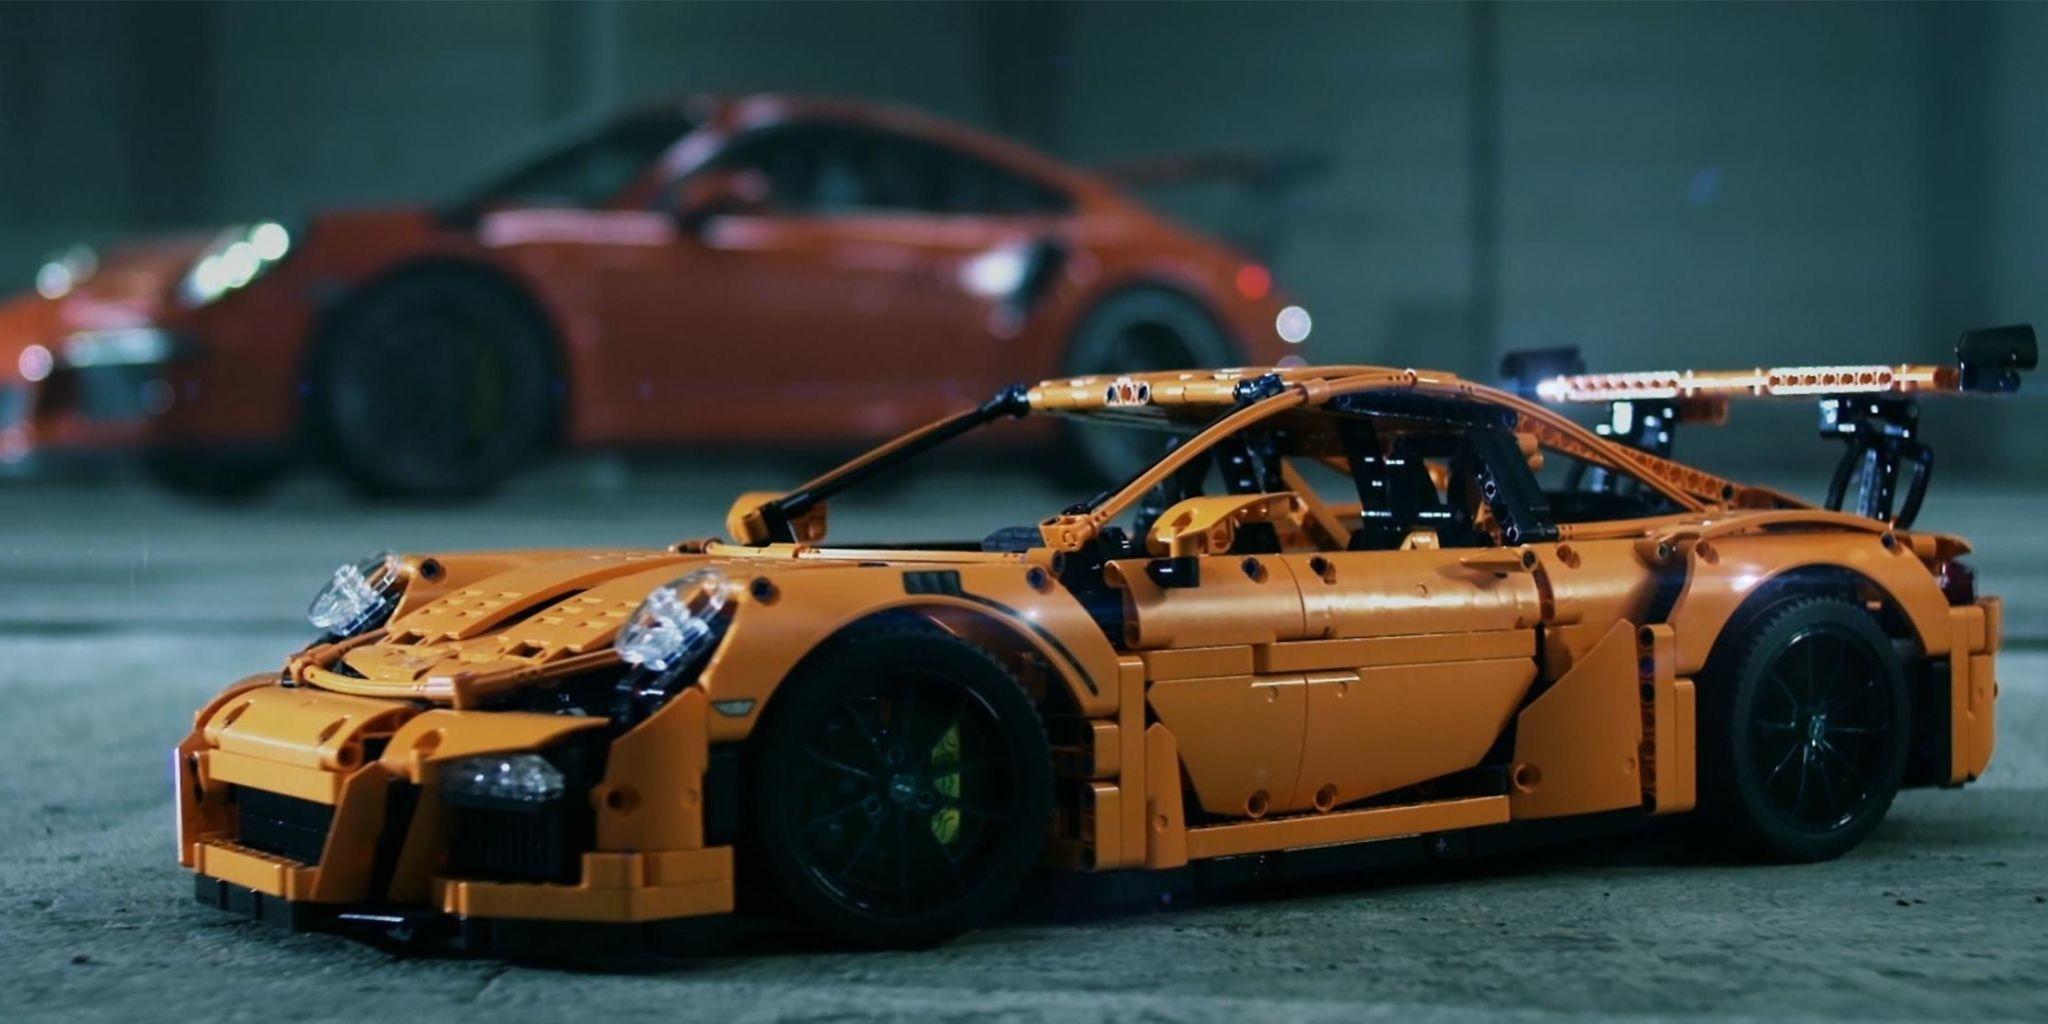 9 Awesome Lego Cars